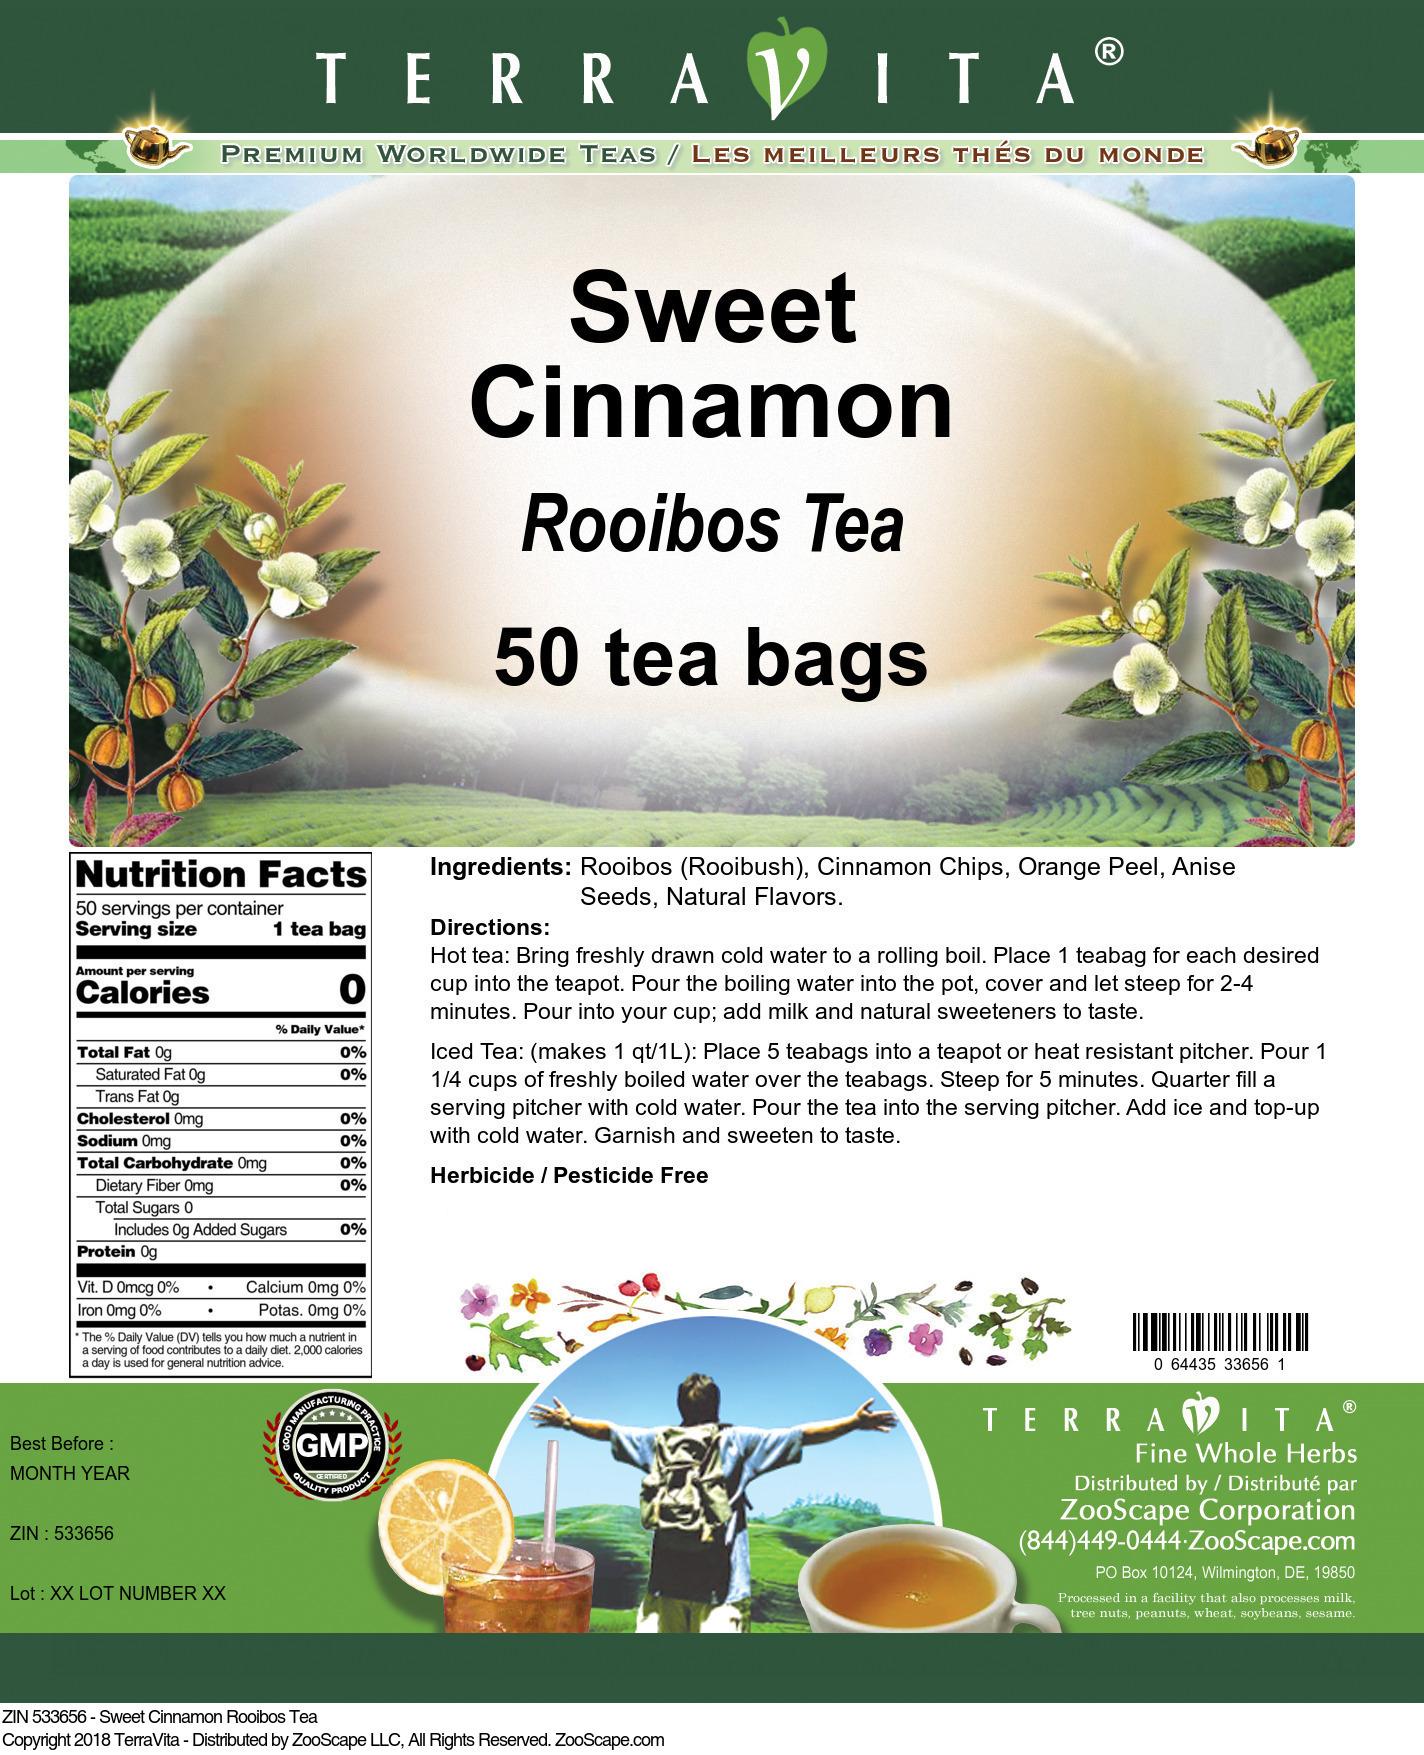 Sweet Cinnamon Rooibos Tea